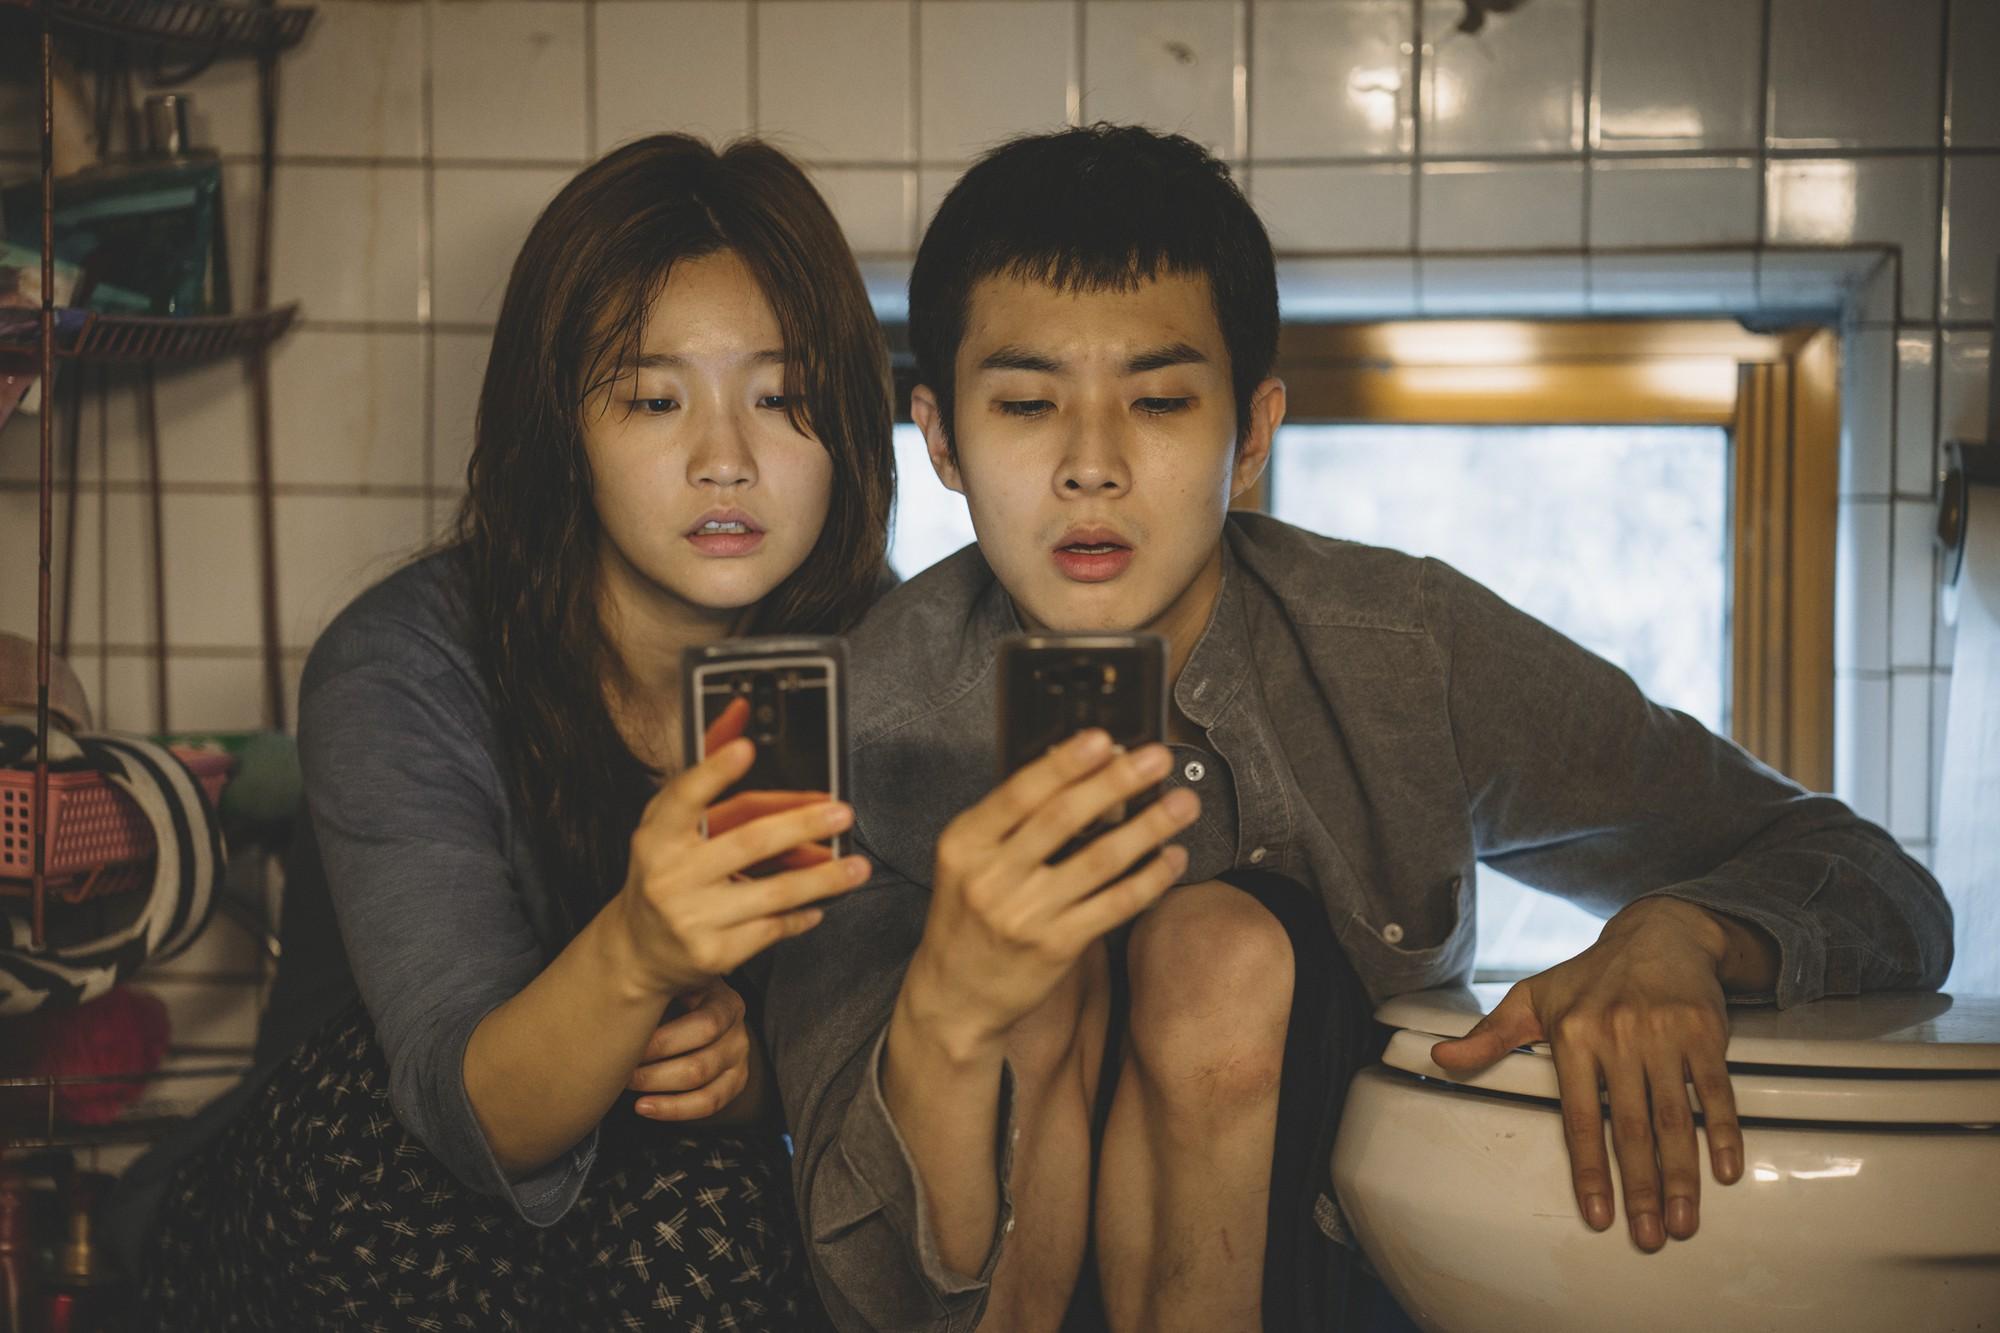 Mê điện ảnh Hàn, ghét hài nhảm, thích combo phim nghệ thuật khuyến mãi thêm trào phúng thì xem ngay Parasite! - Ảnh 11.